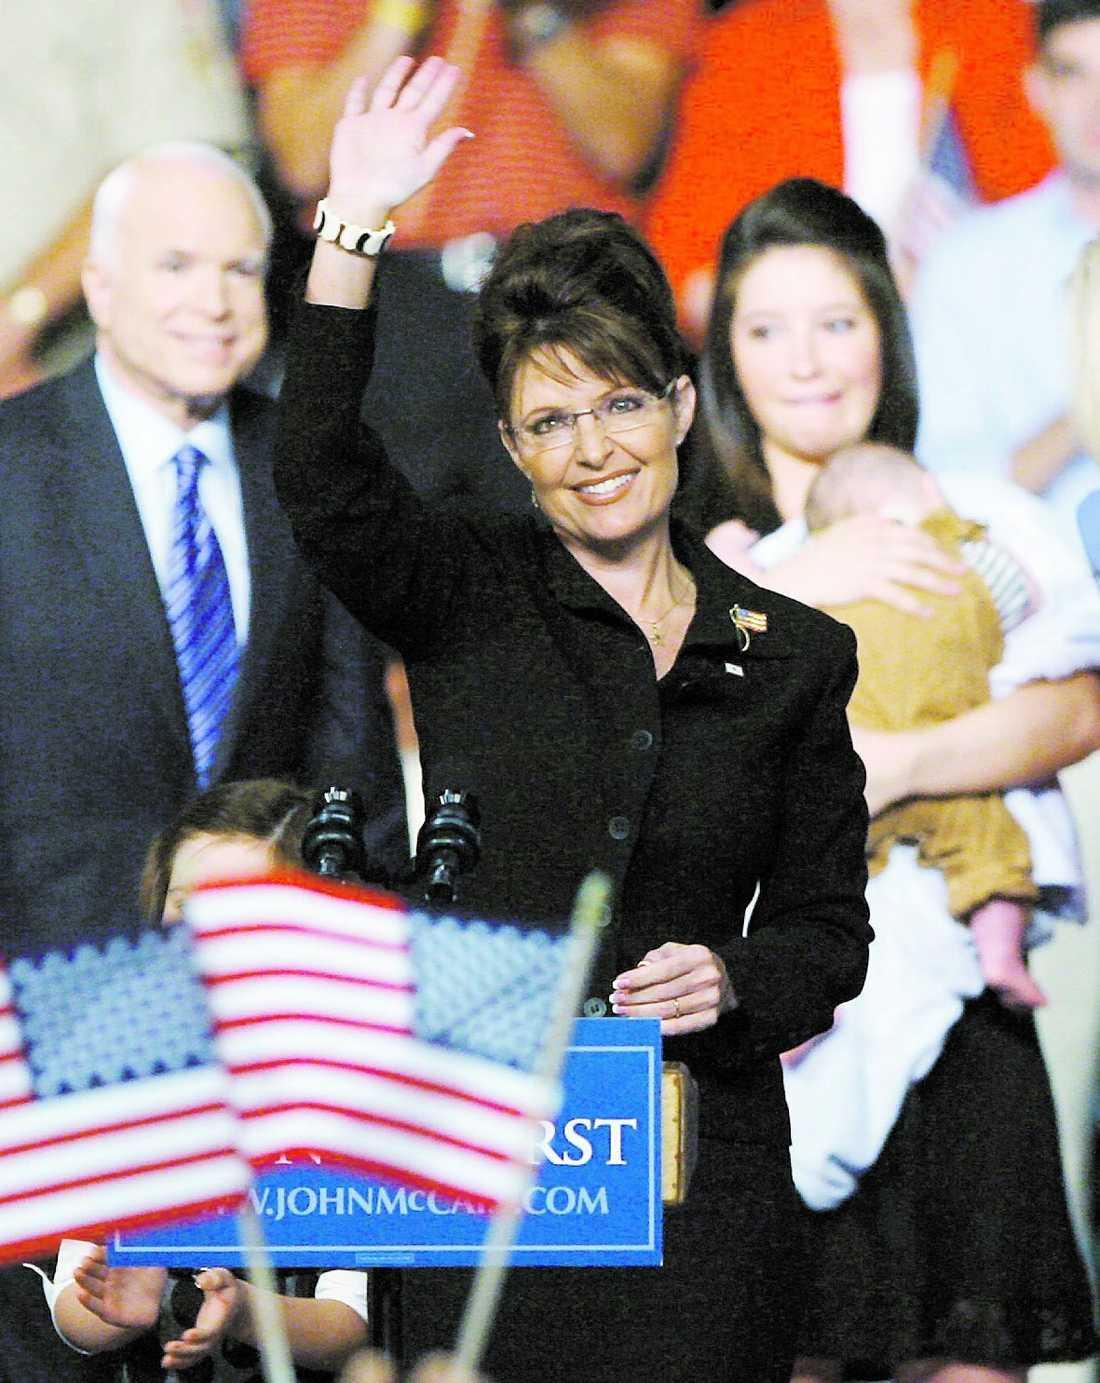 McCain-kampanjen tvingades i går kväll avslöja att Sarah Palin ska bli mormor. Skandalen är bara en av flera som framkommit om familjen.